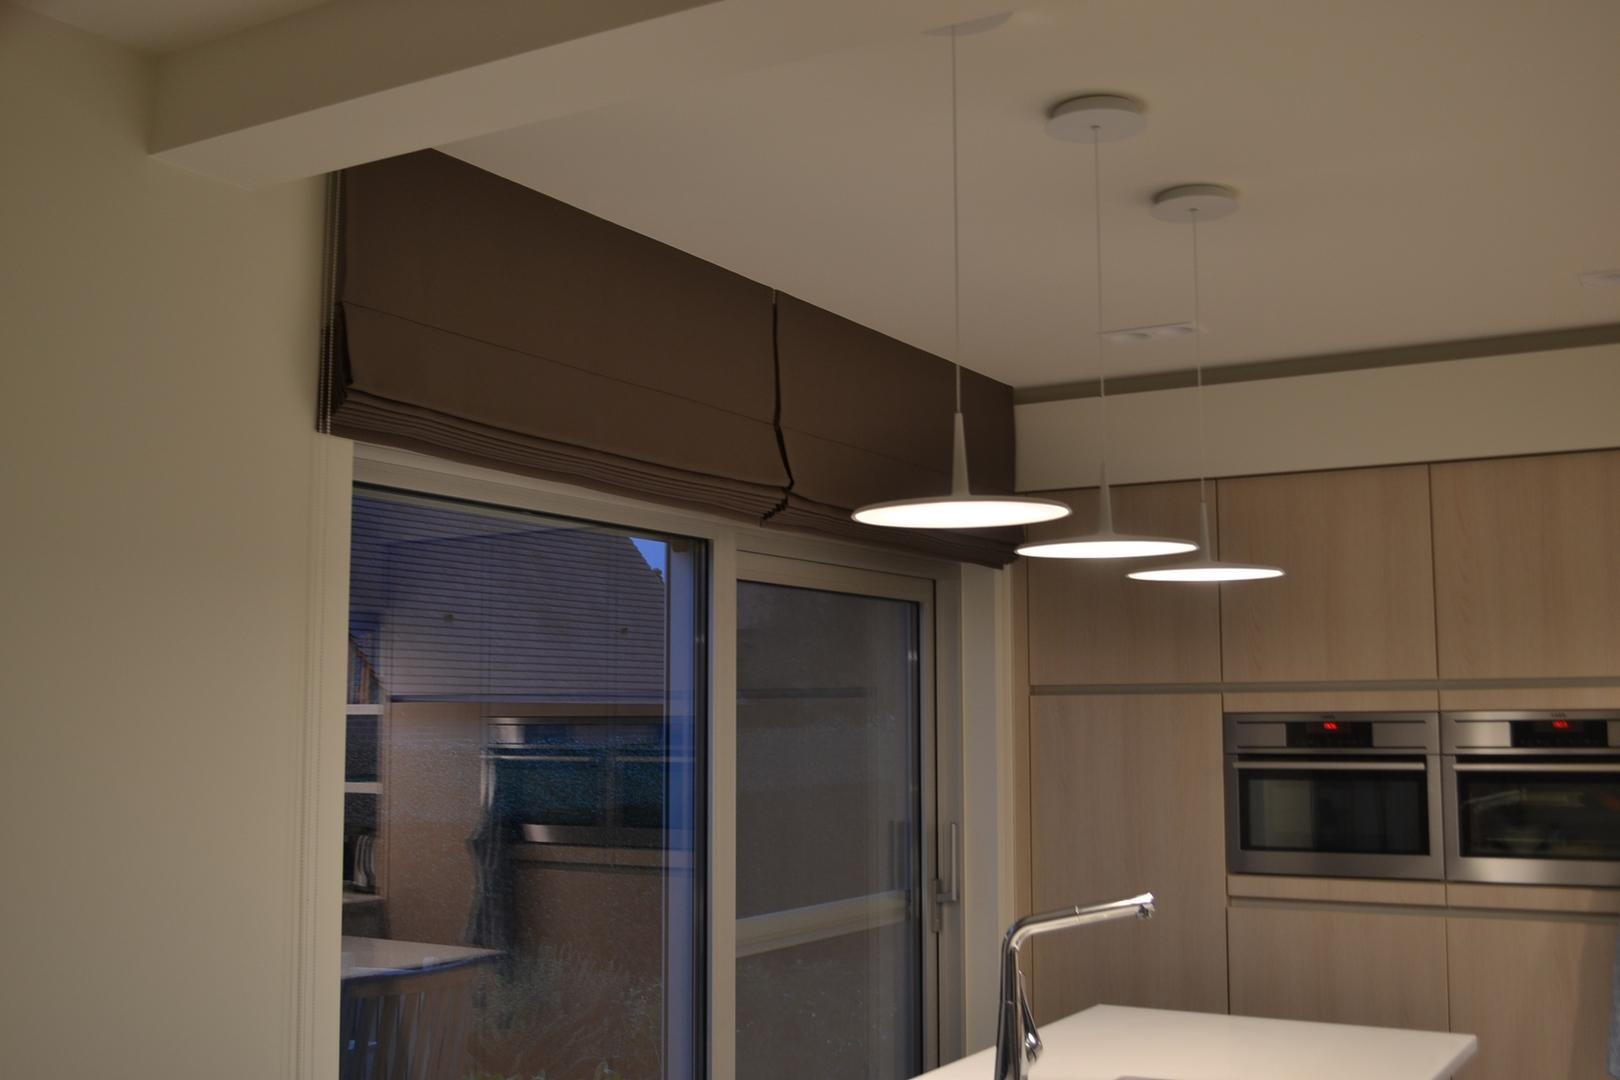 keukenverlichting - Jan baptist elektriciteitswerken